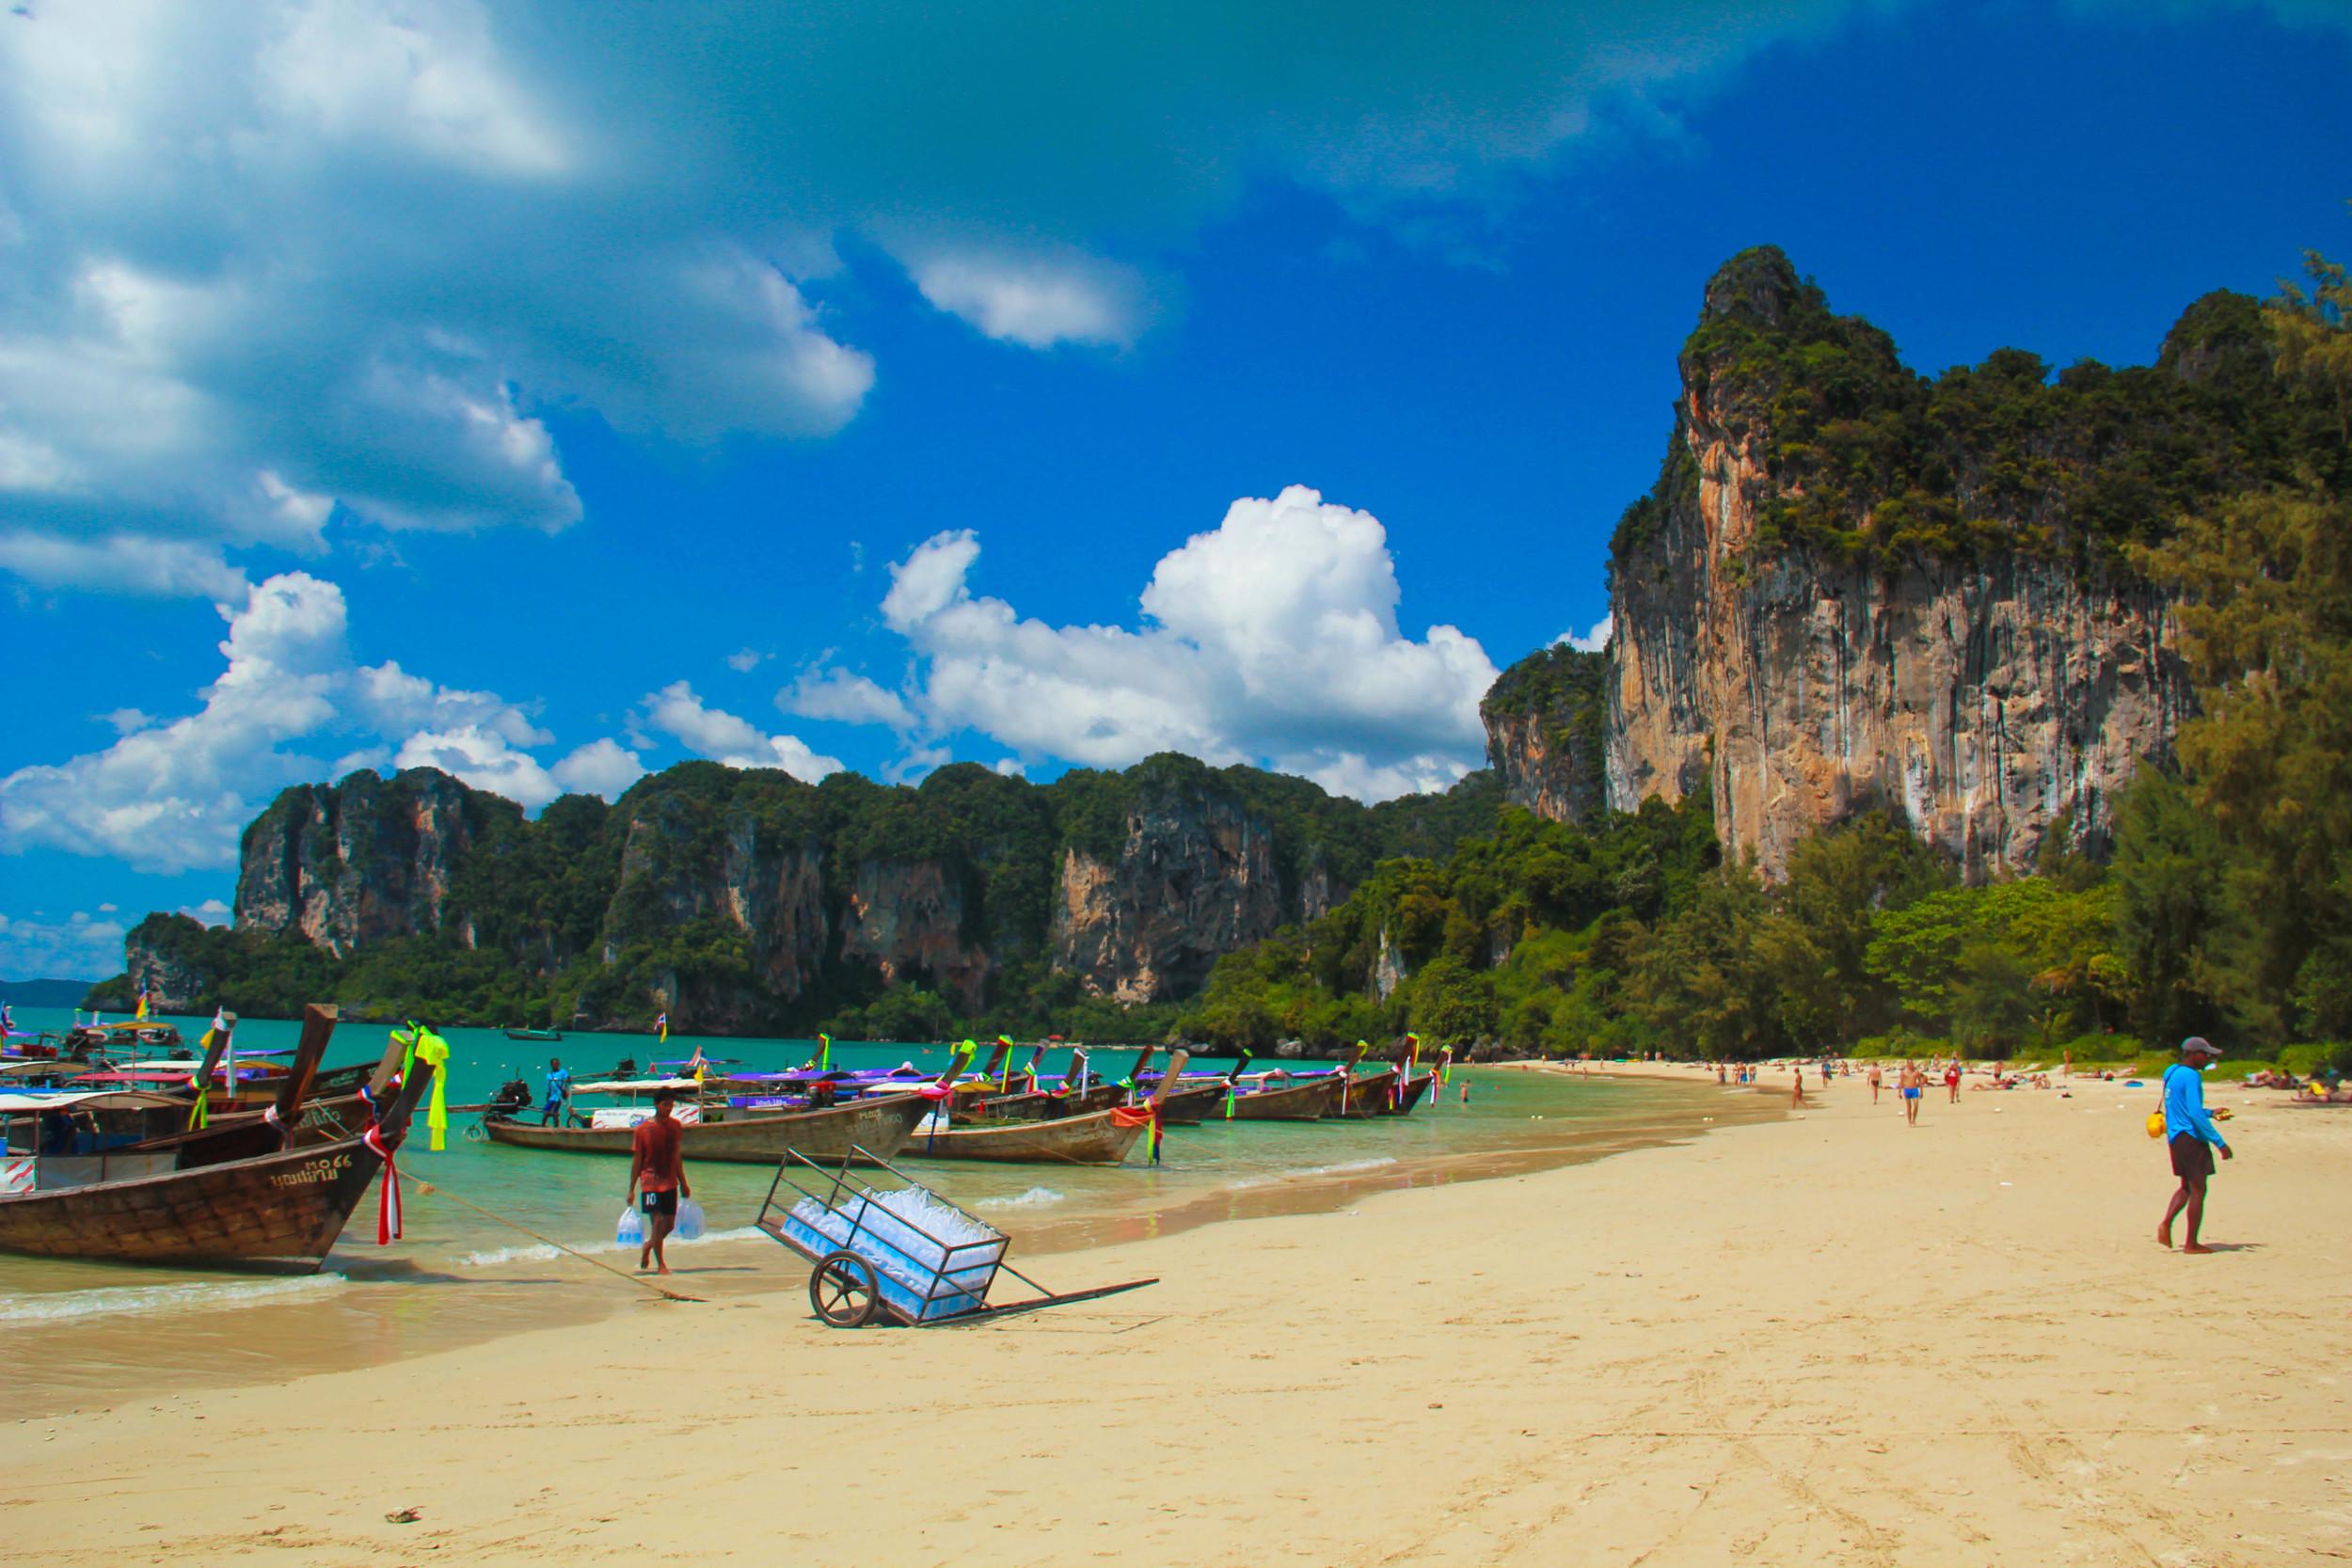 alue-optics-cheetah-boats-beach.jpg